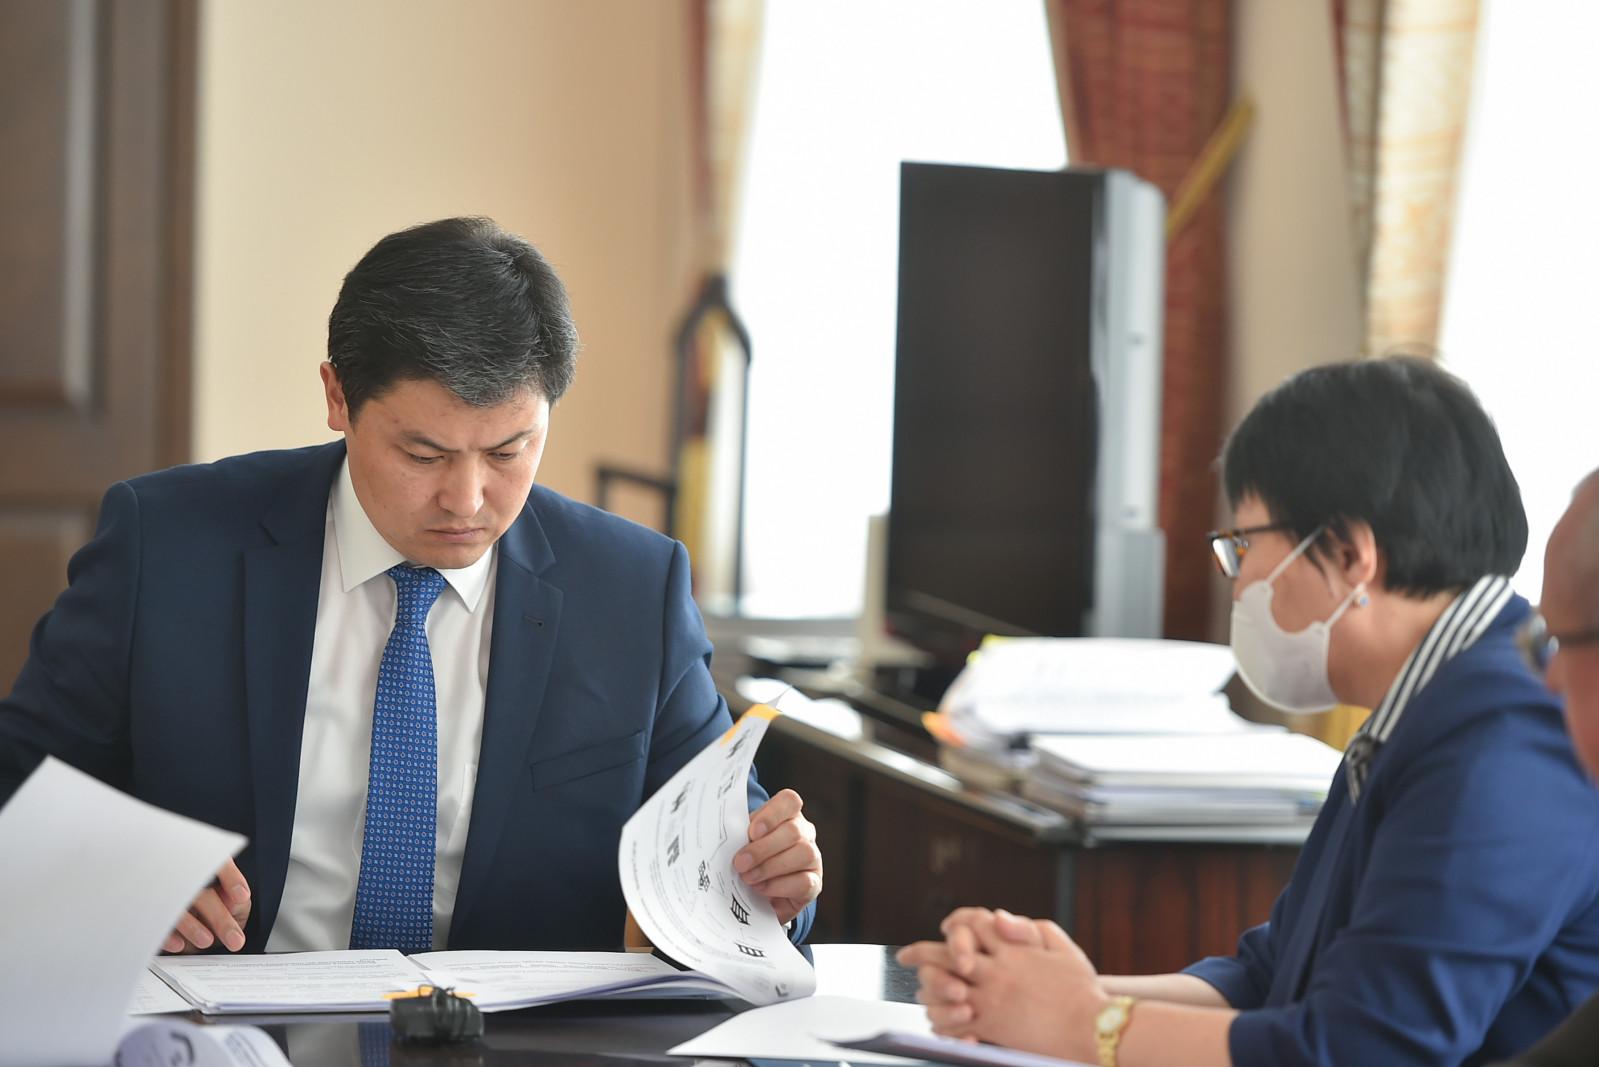 Марипов: Ипотекалык компания ортомчулуктан кетип, реалдуу иштерди жасаш керек